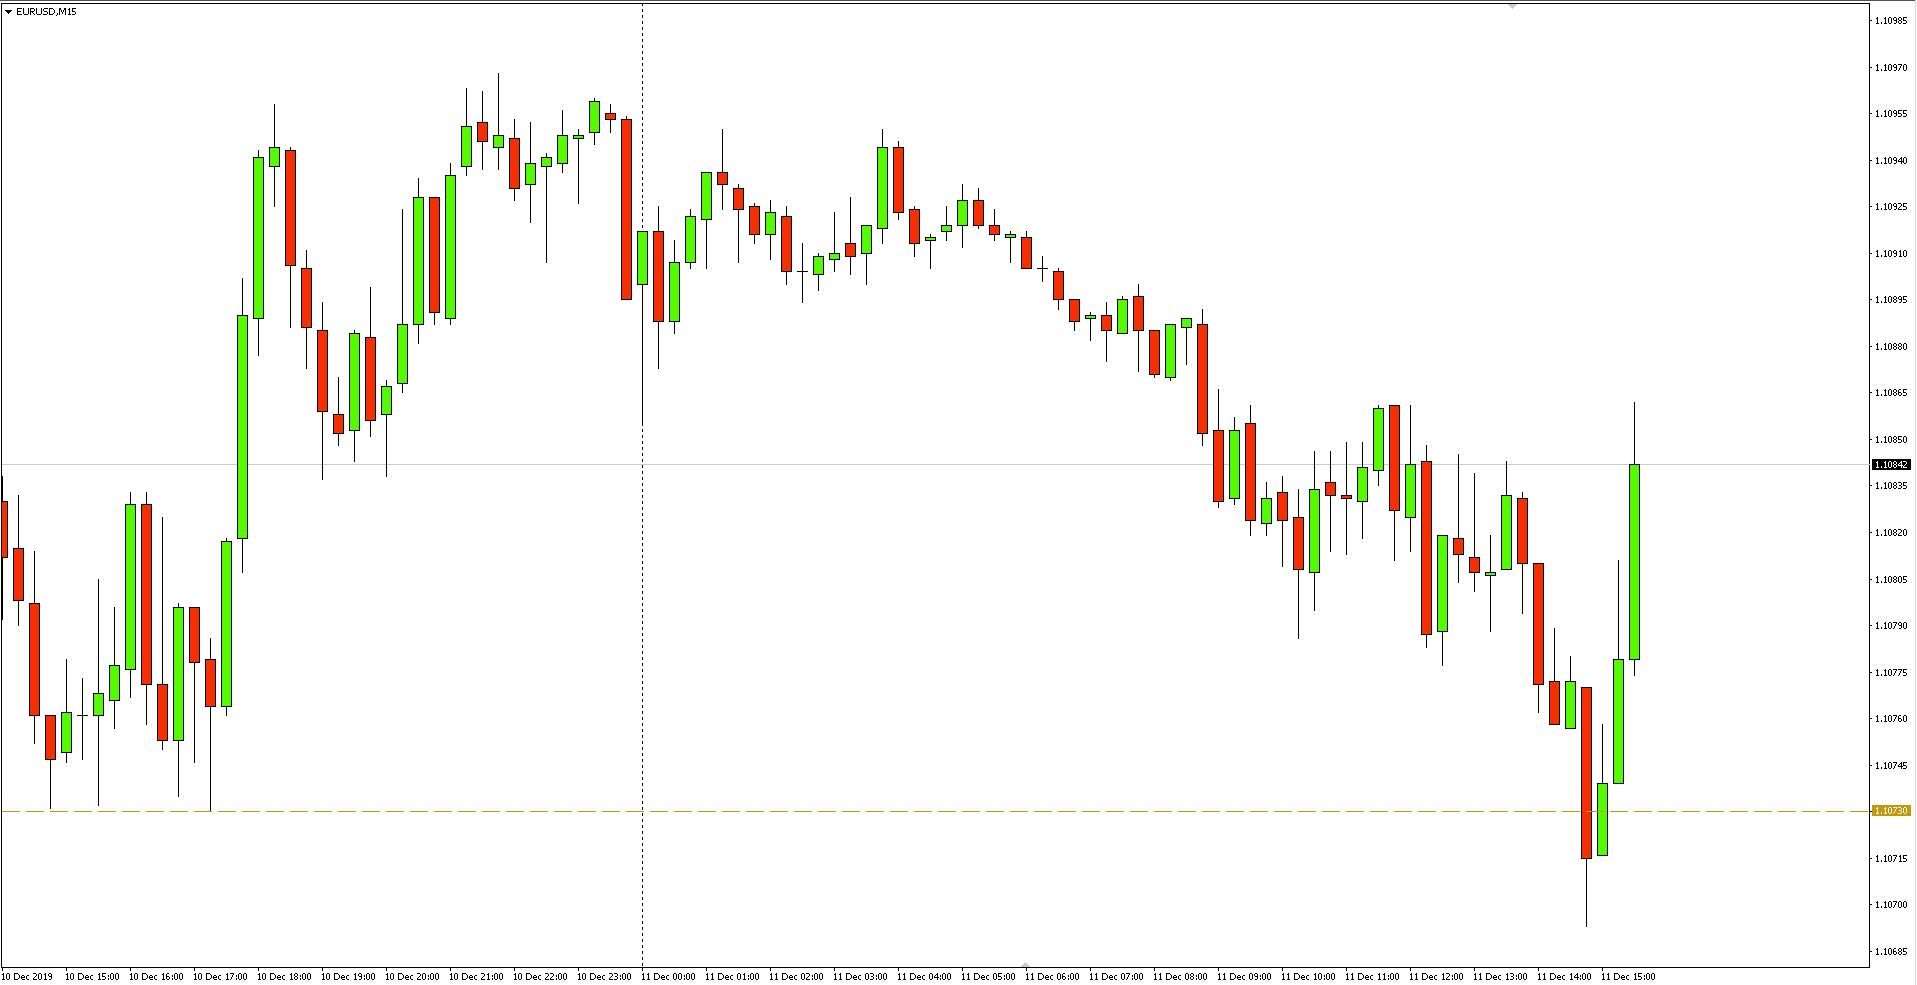 Wykres 15-minutowy pary walutowej EURUSD - 11.12.2019 r.